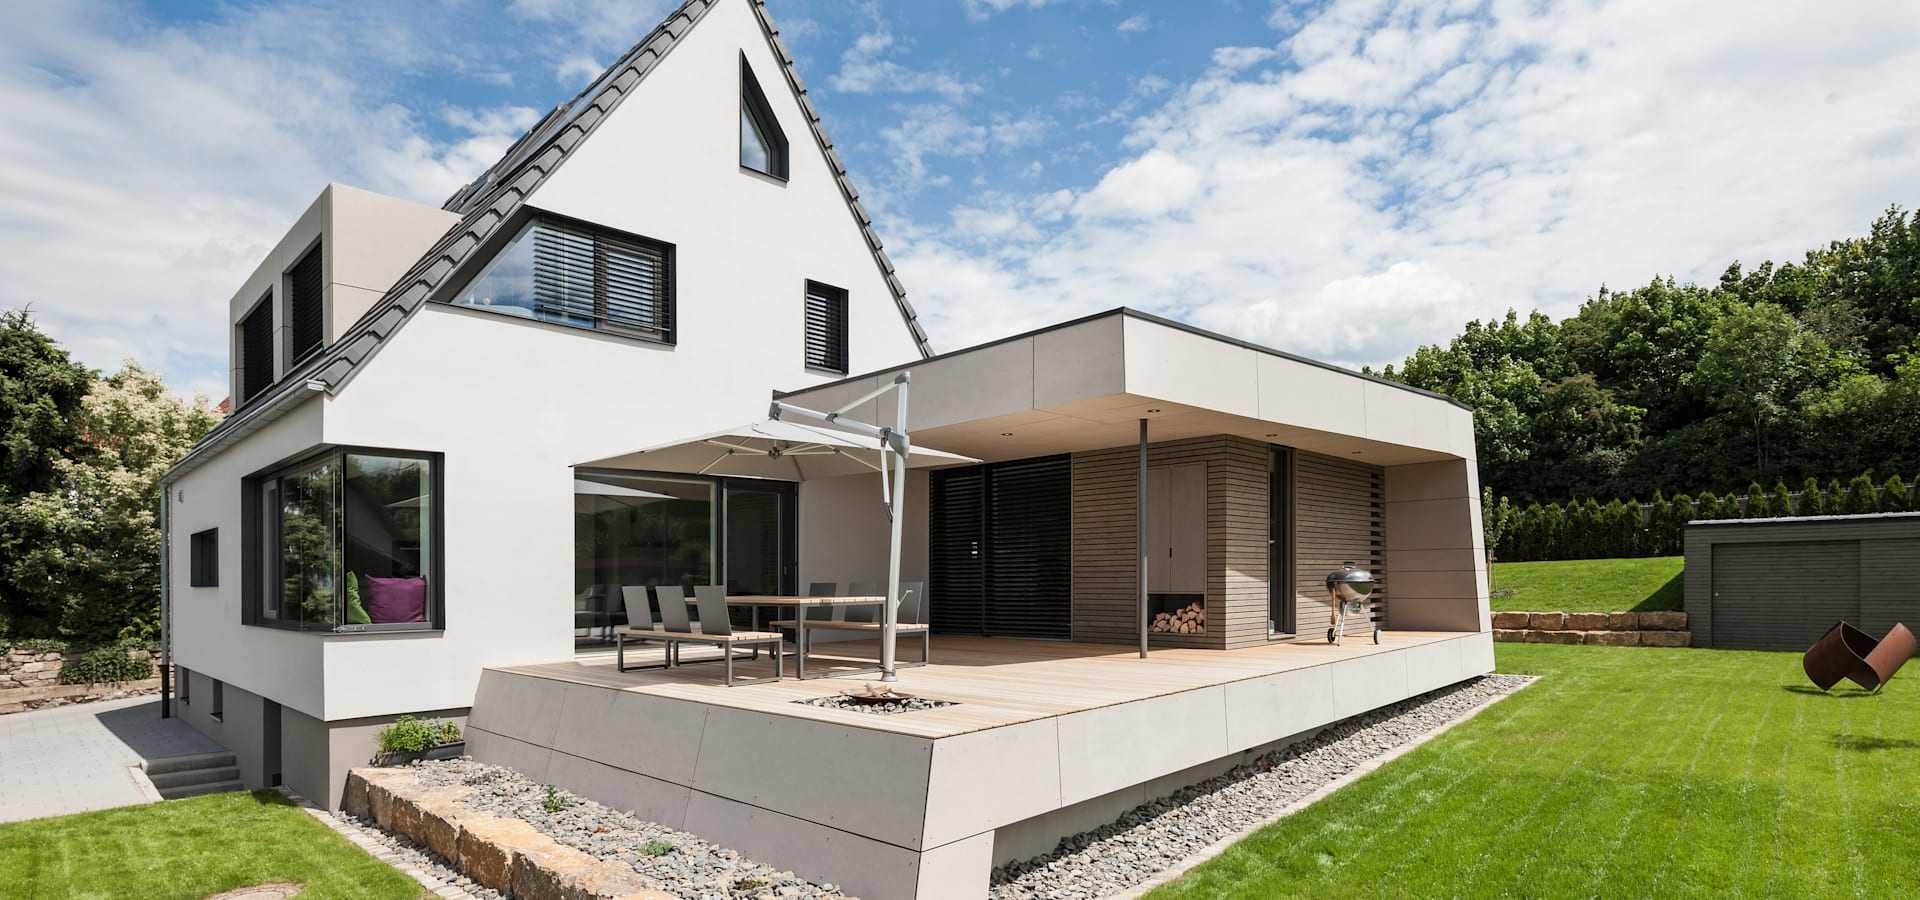 Um Und Anbau Wohnhaus Wukowojac In Mellrichstadt Von Wukowojac